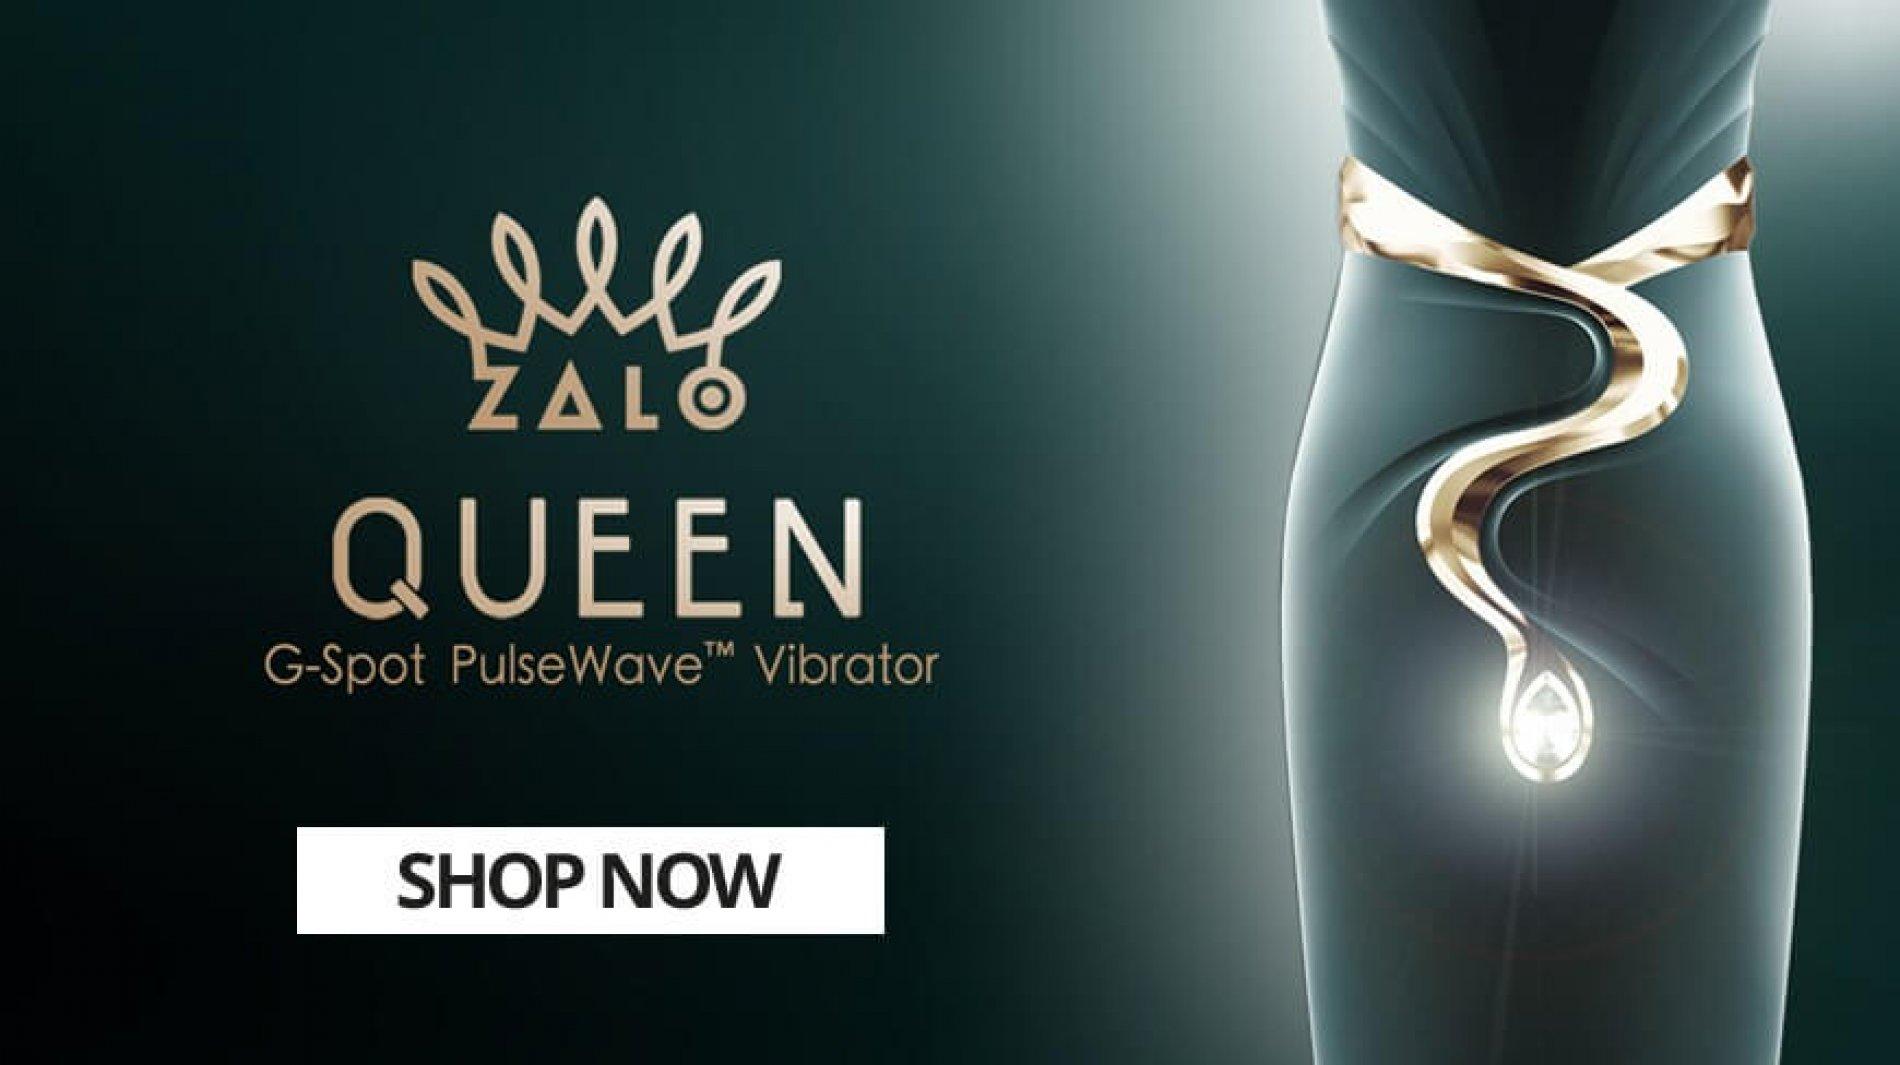 Zalo Queen Pulsewave Vibrator